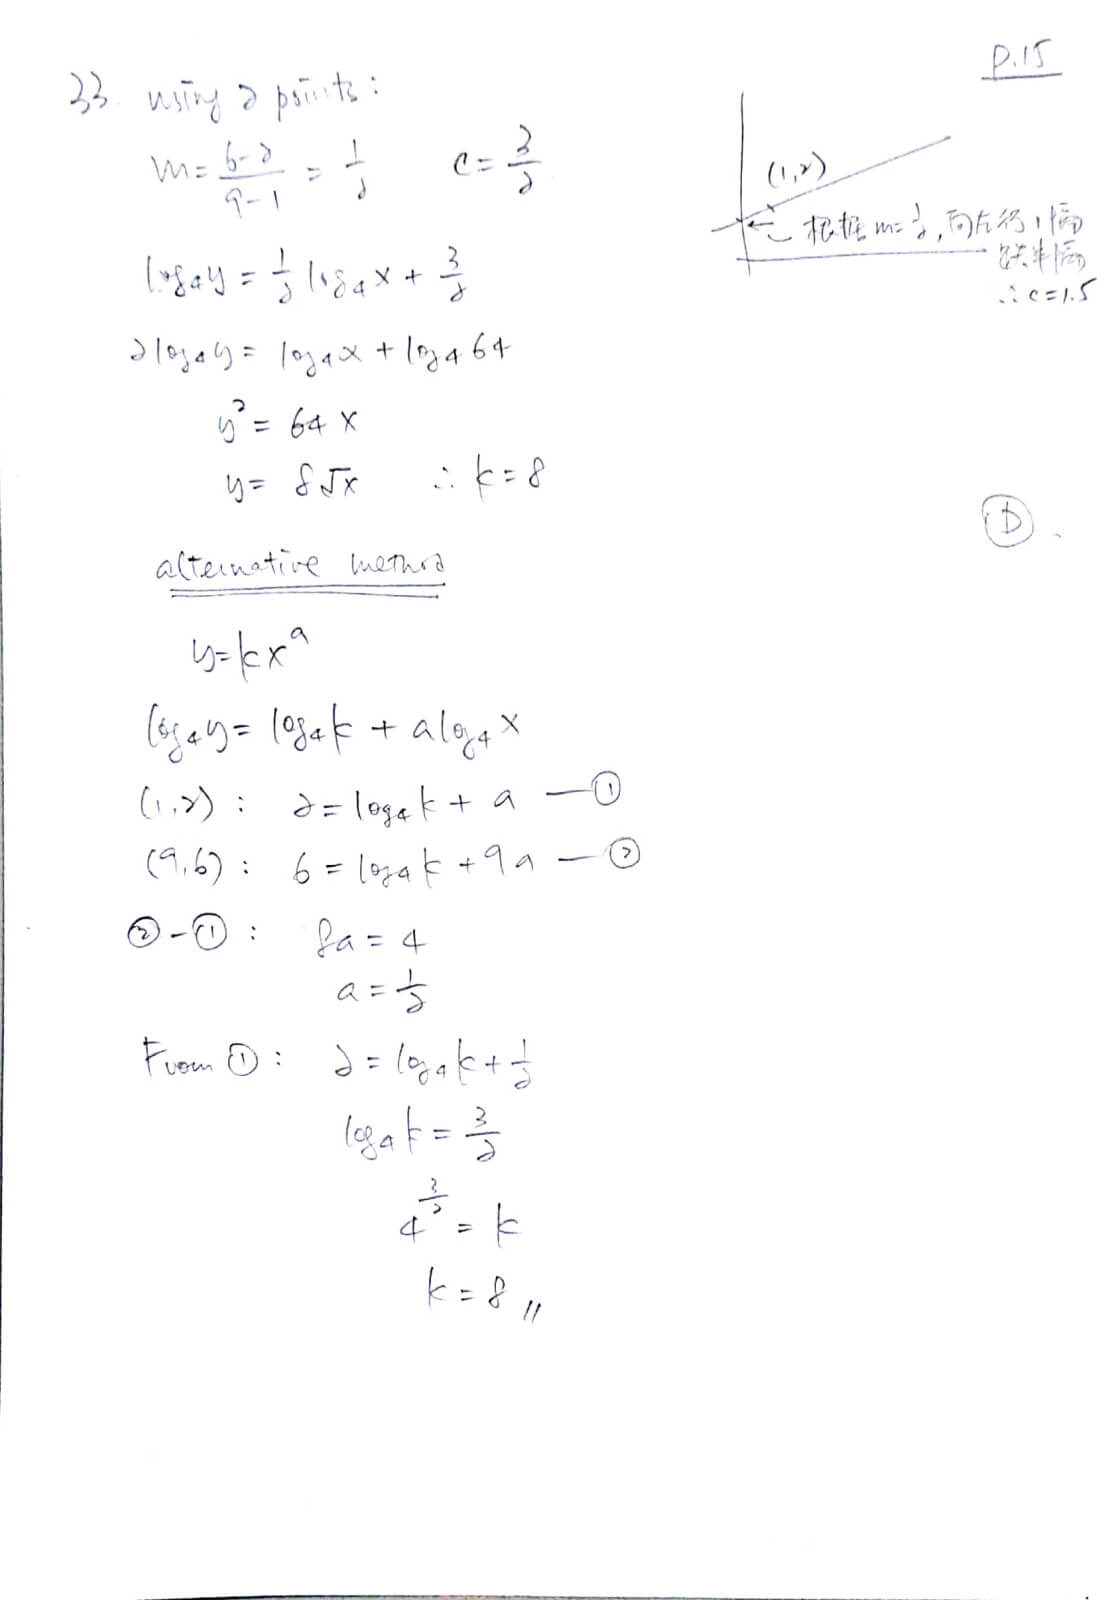 2018 DSE 數學卷二(MC) 詳細答案 Q33